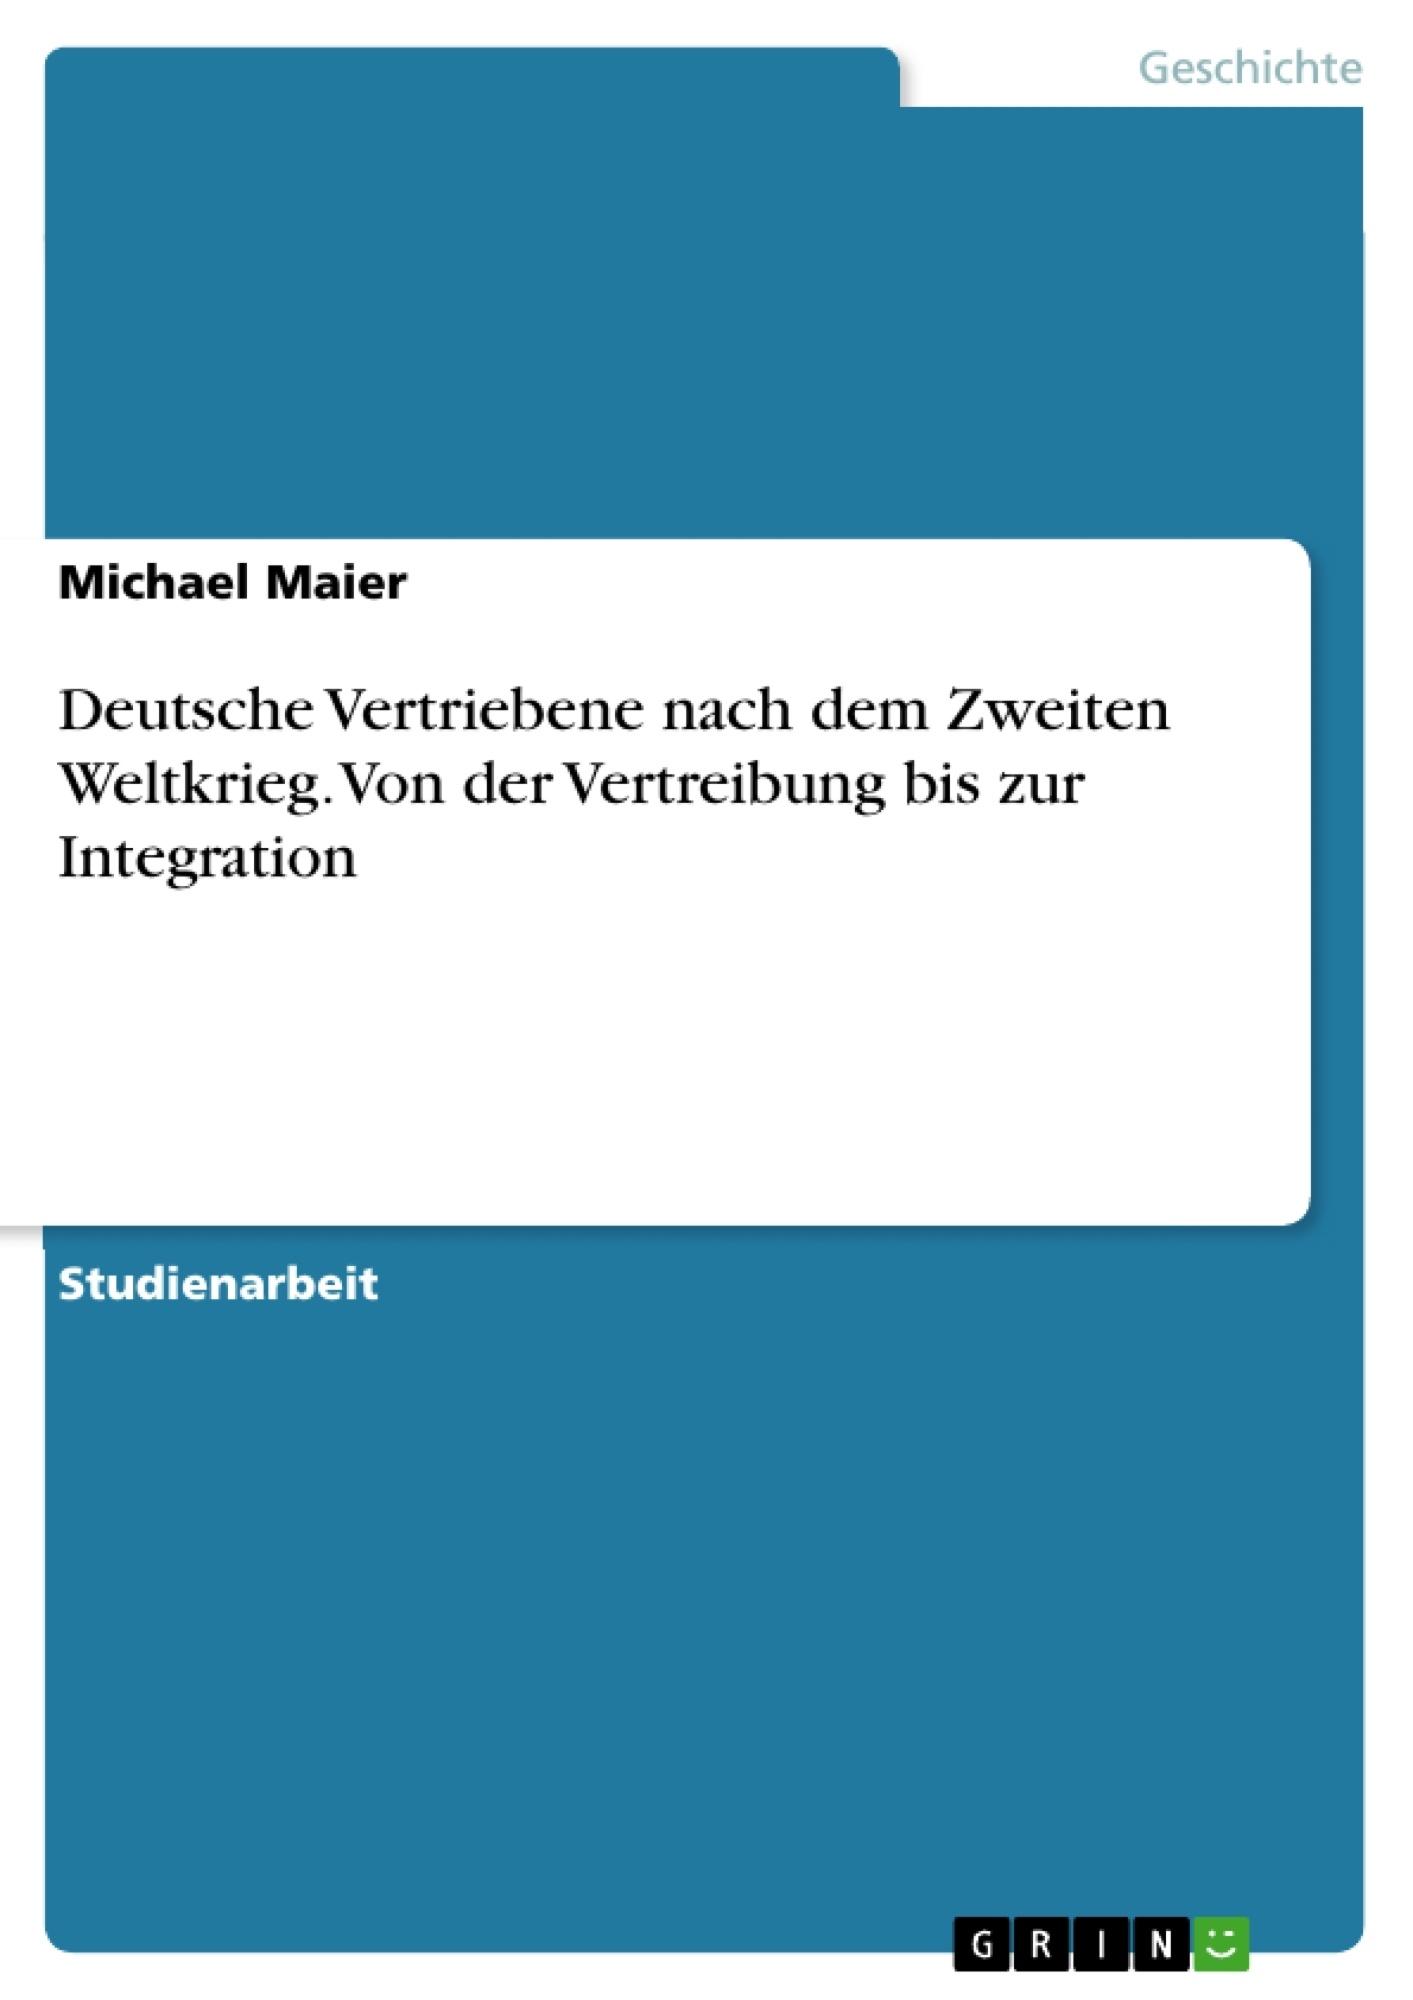 Titel: Deutsche Vertriebene nach dem Zweiten Weltkrieg. Von der Vertreibung  bis zur Integration